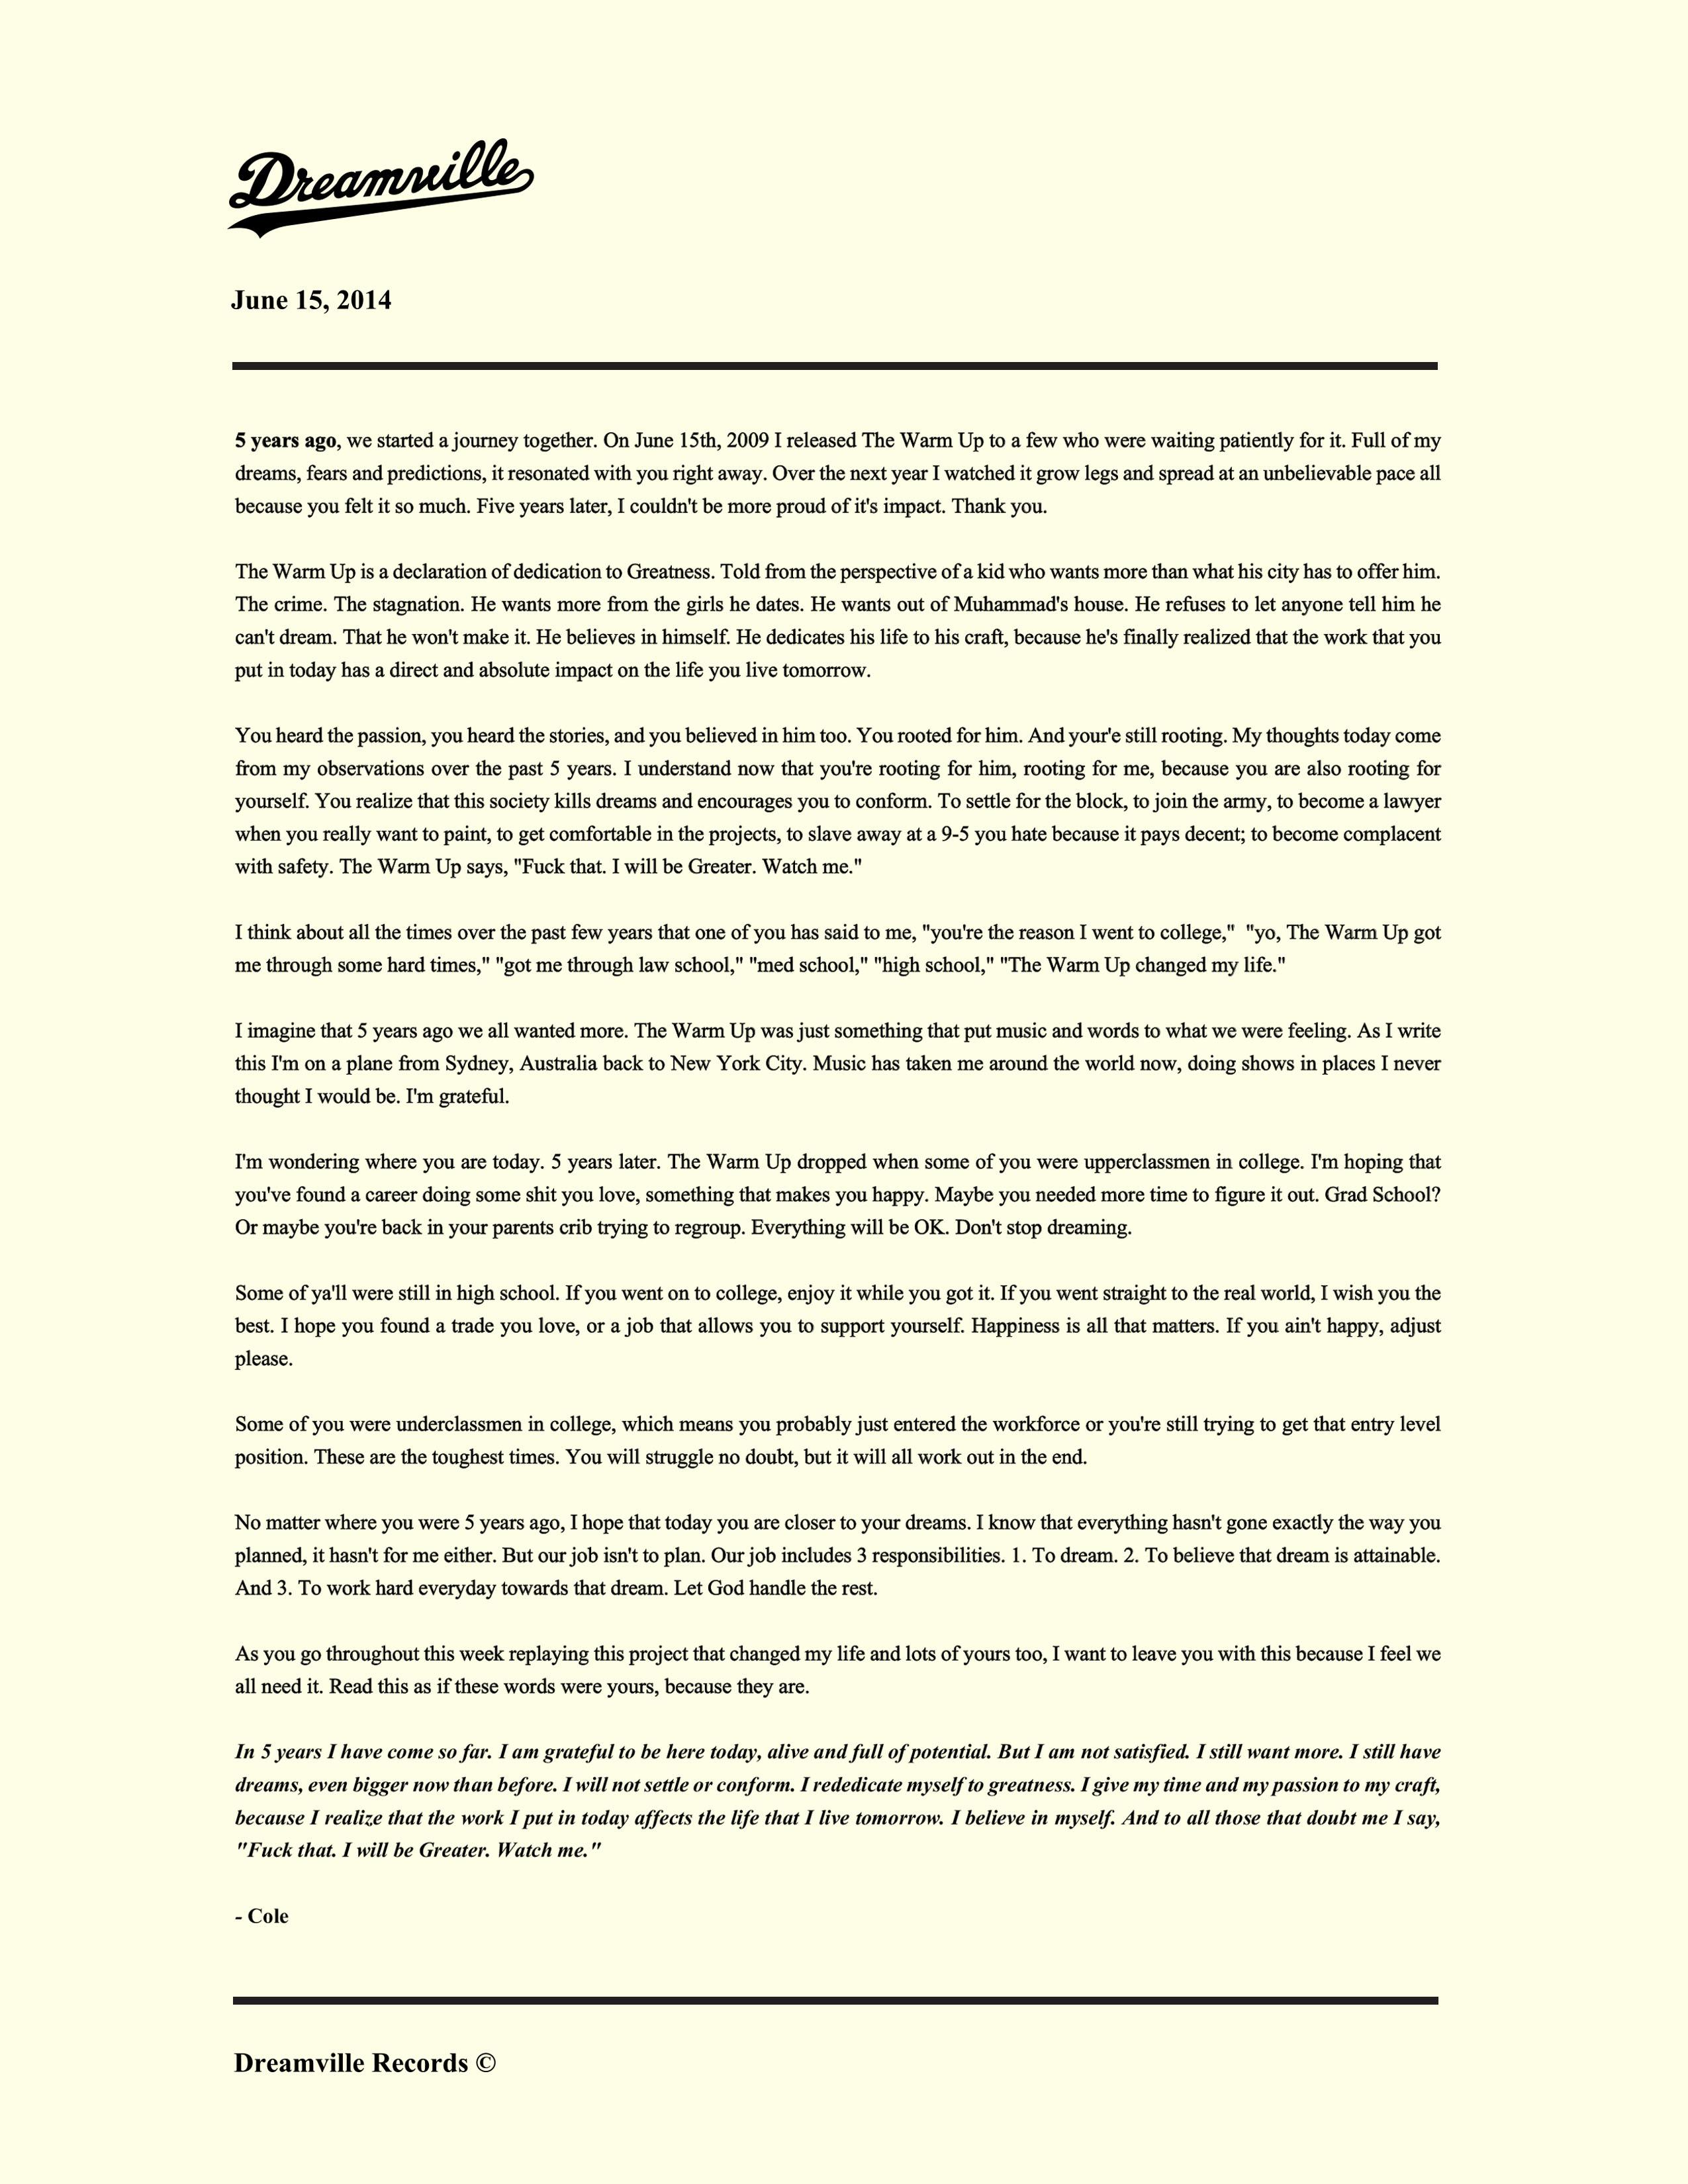 Dreamville Cole Letter